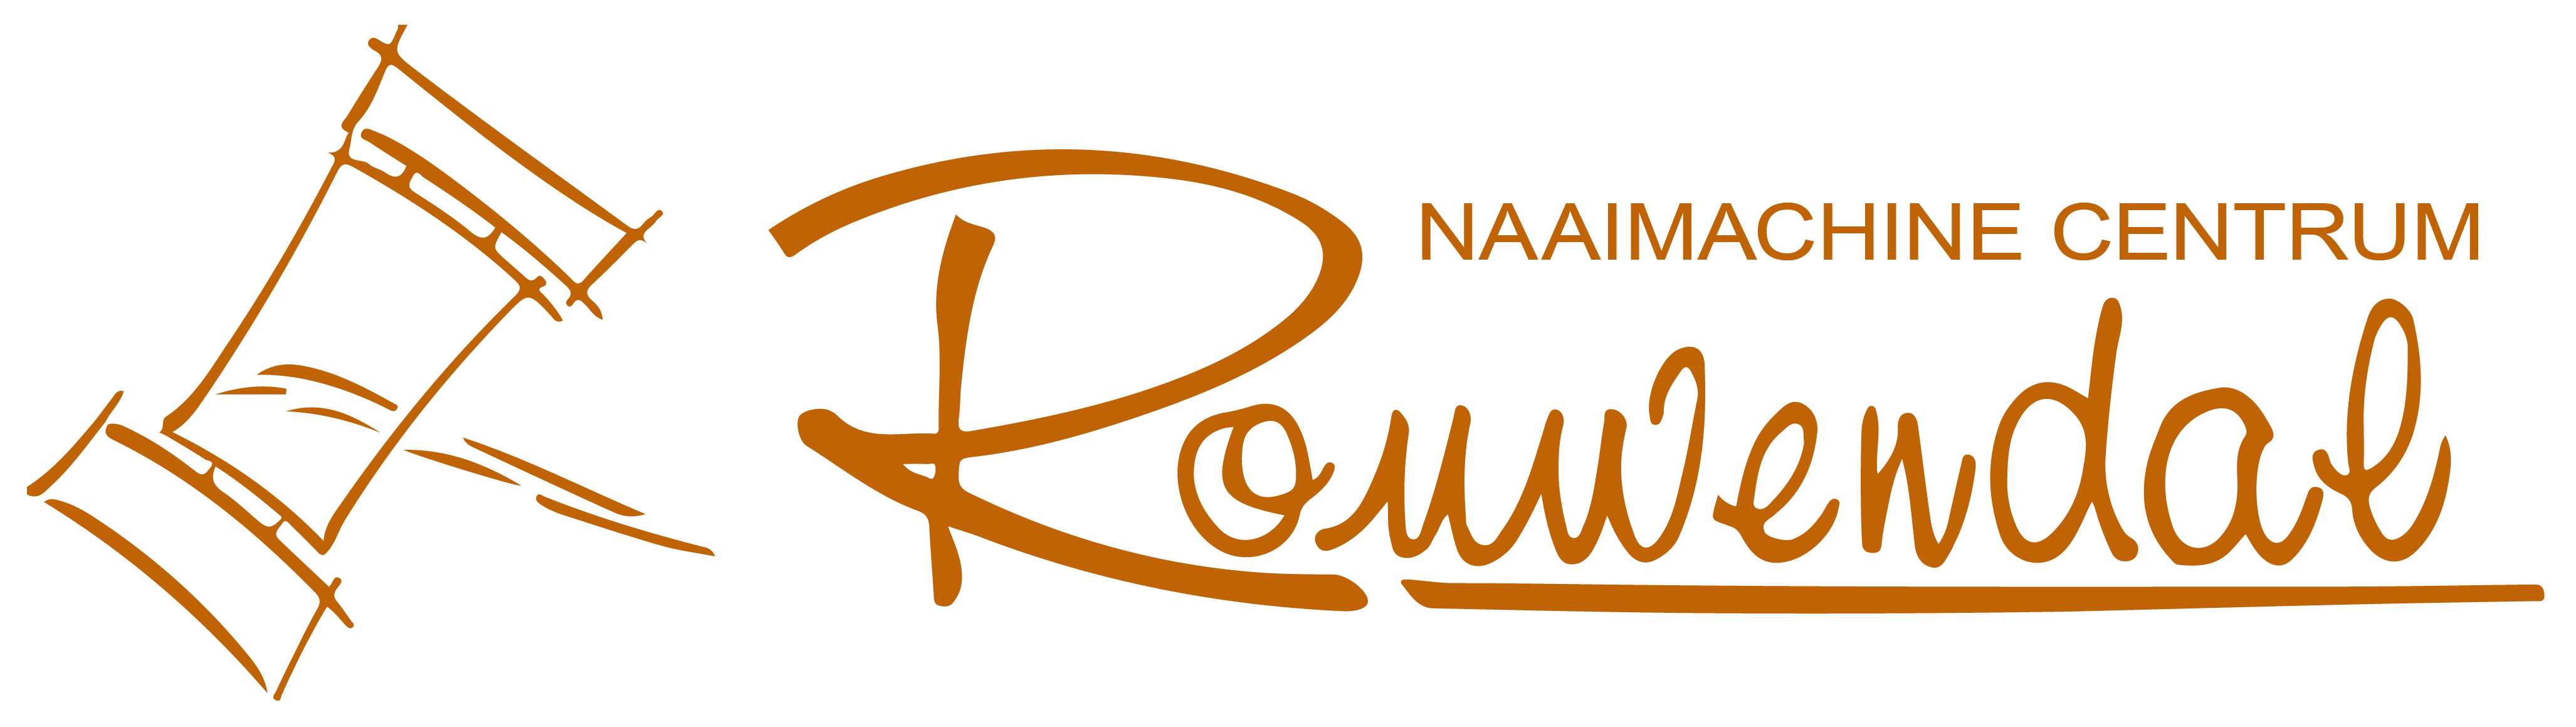 Naaimachine centrum Rouwendal